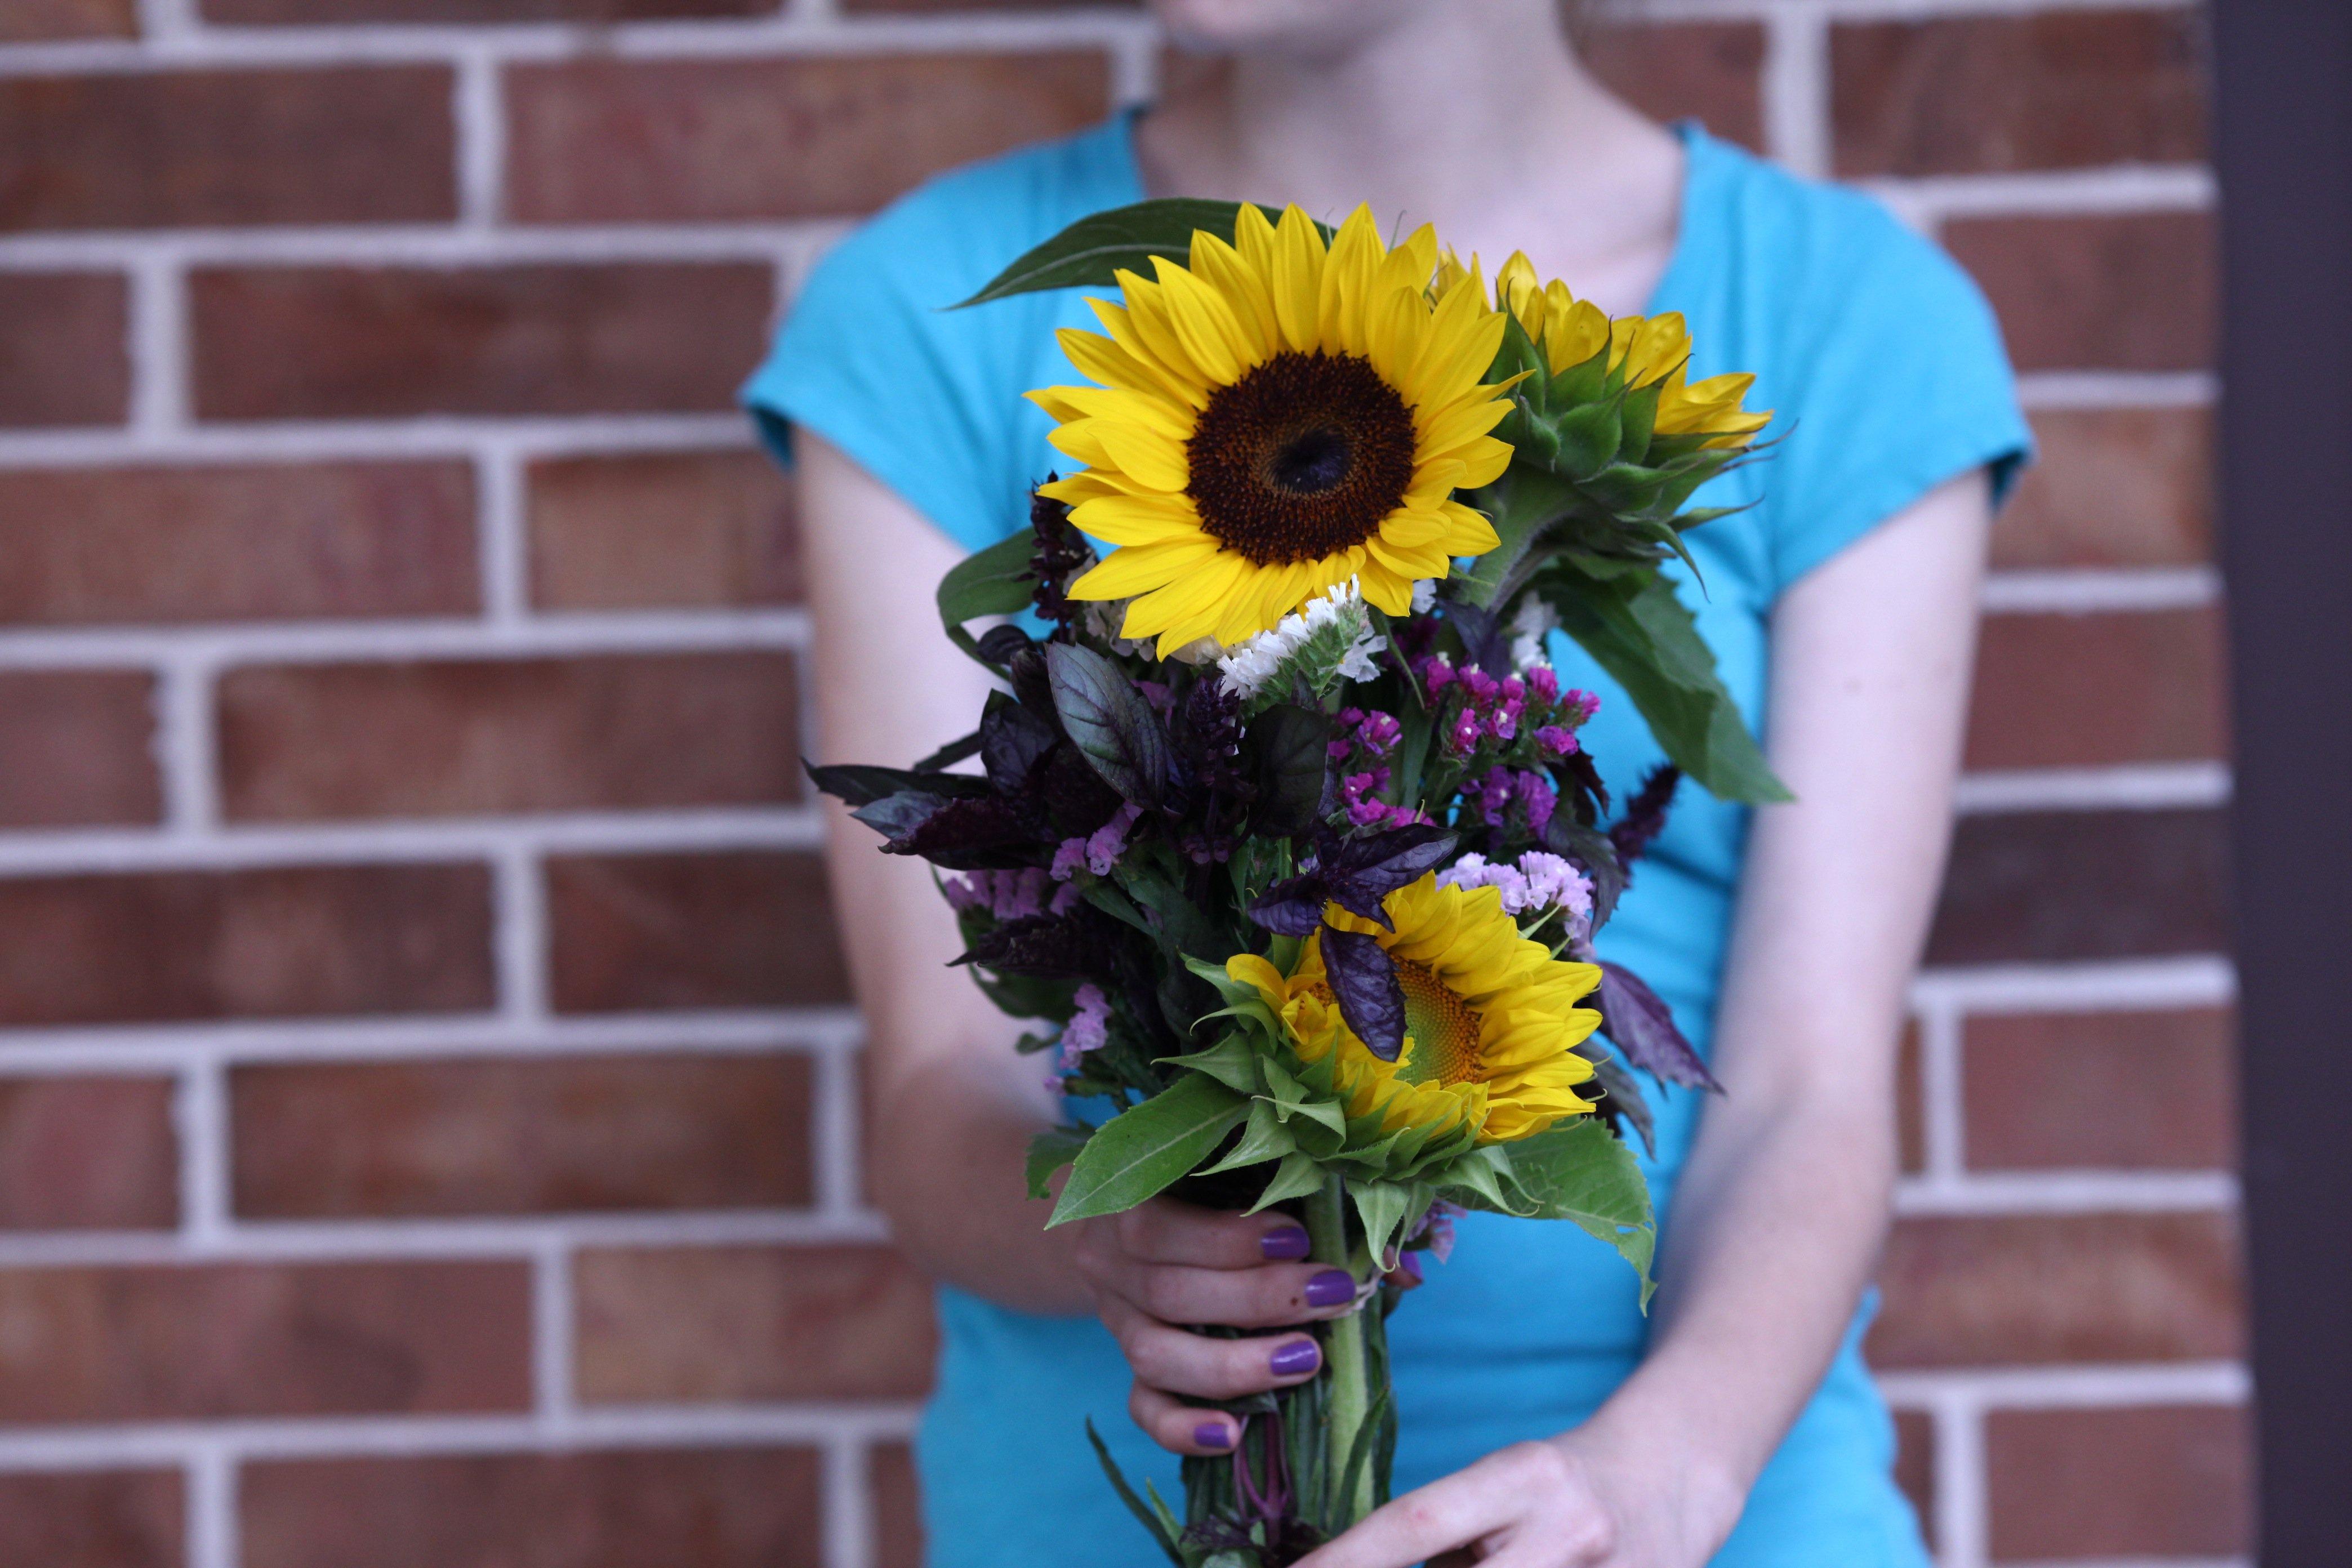 7-19 tay w: sunflower bouquet